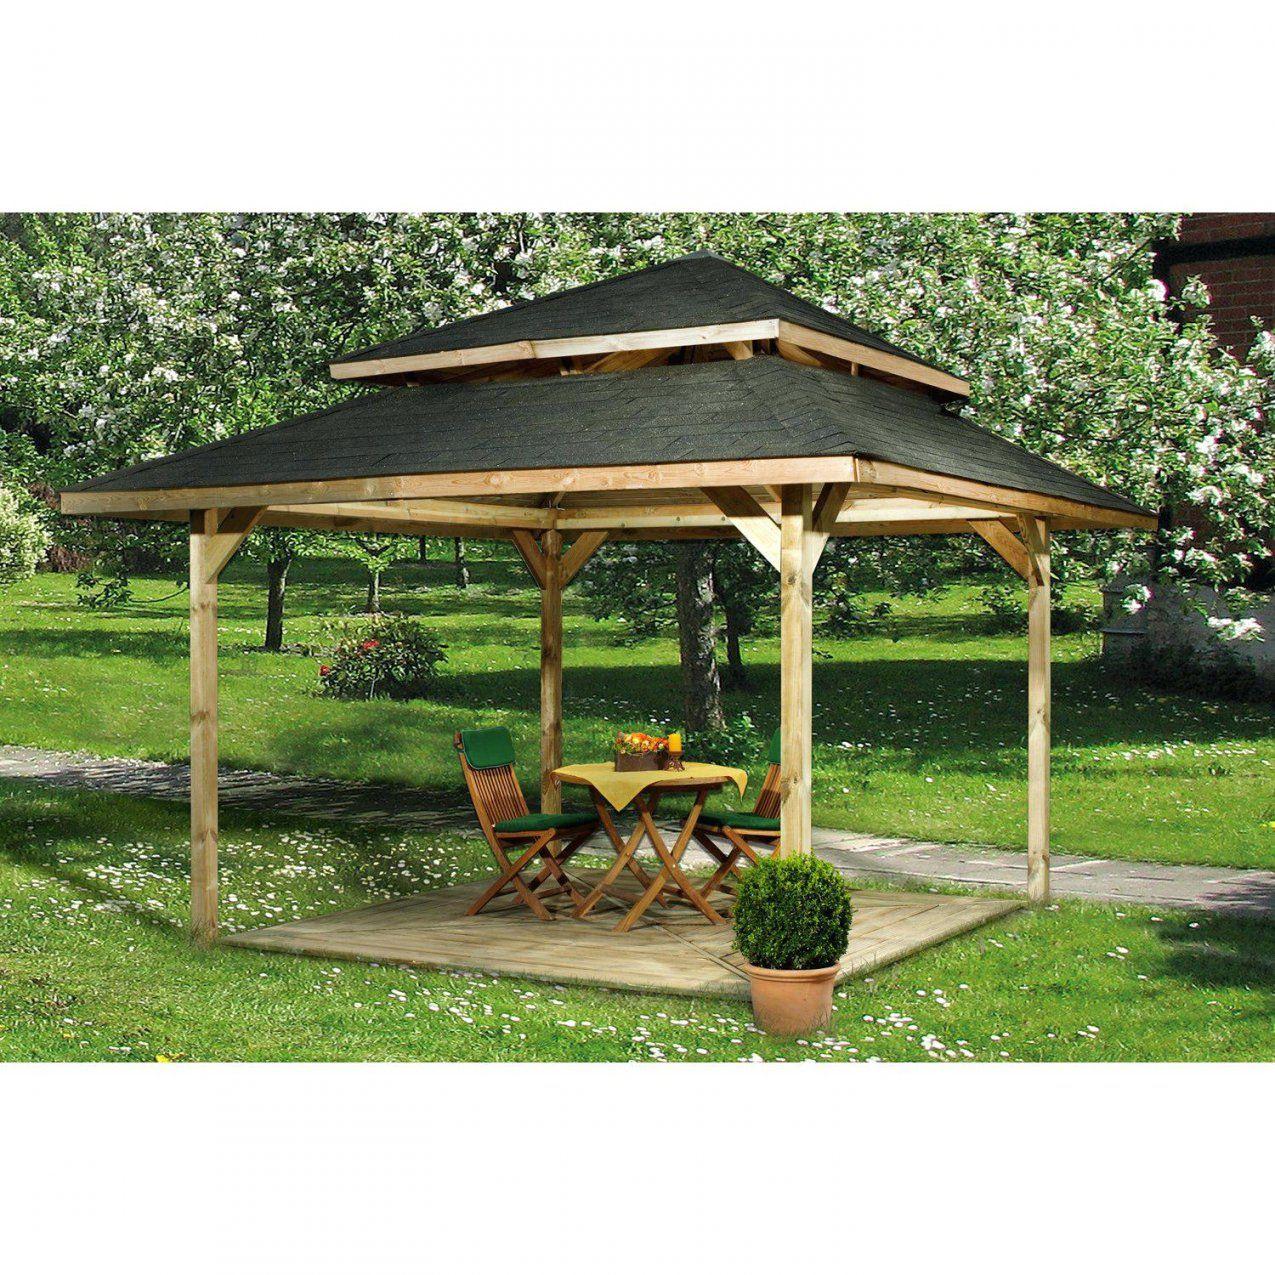 Holz Gartenpavillon Gallery Of Pavillon 3×3 With 3X3M Bauplan Aus von Gartenpavillon Aus Holz Selber Bauen Photo